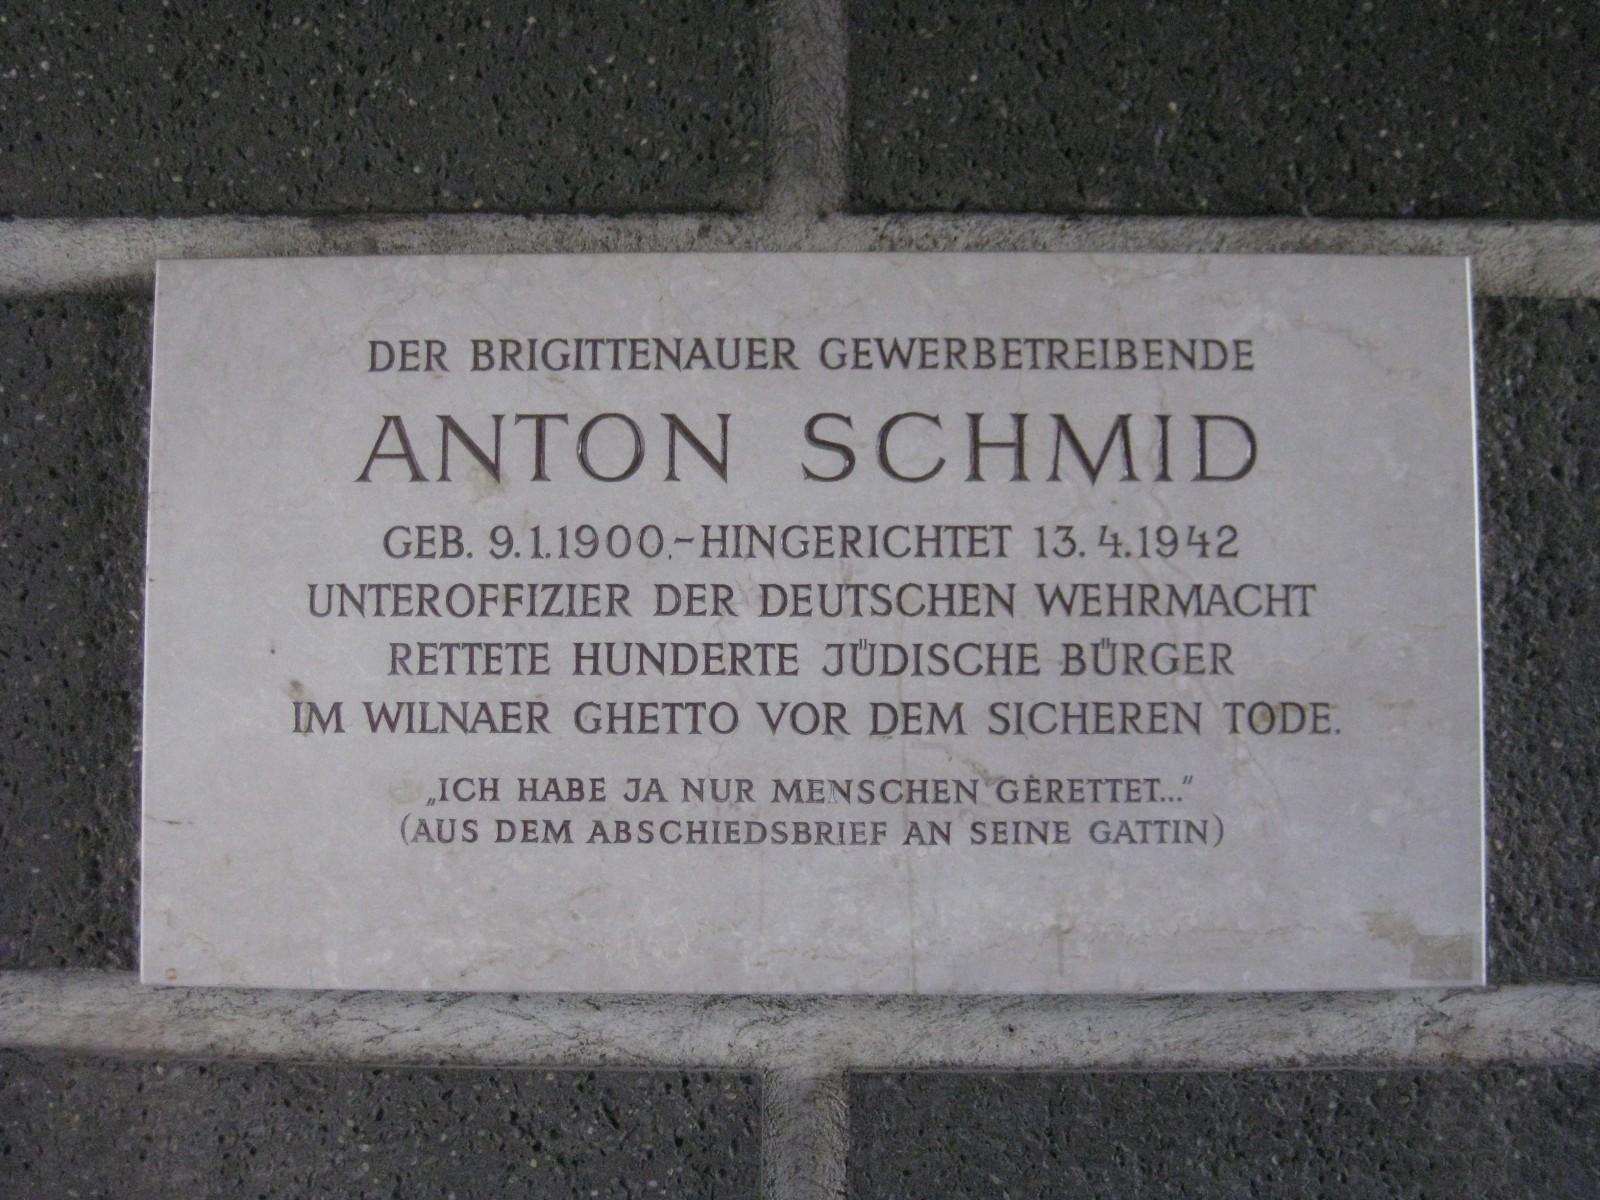 _Anton_Schmid-Hof